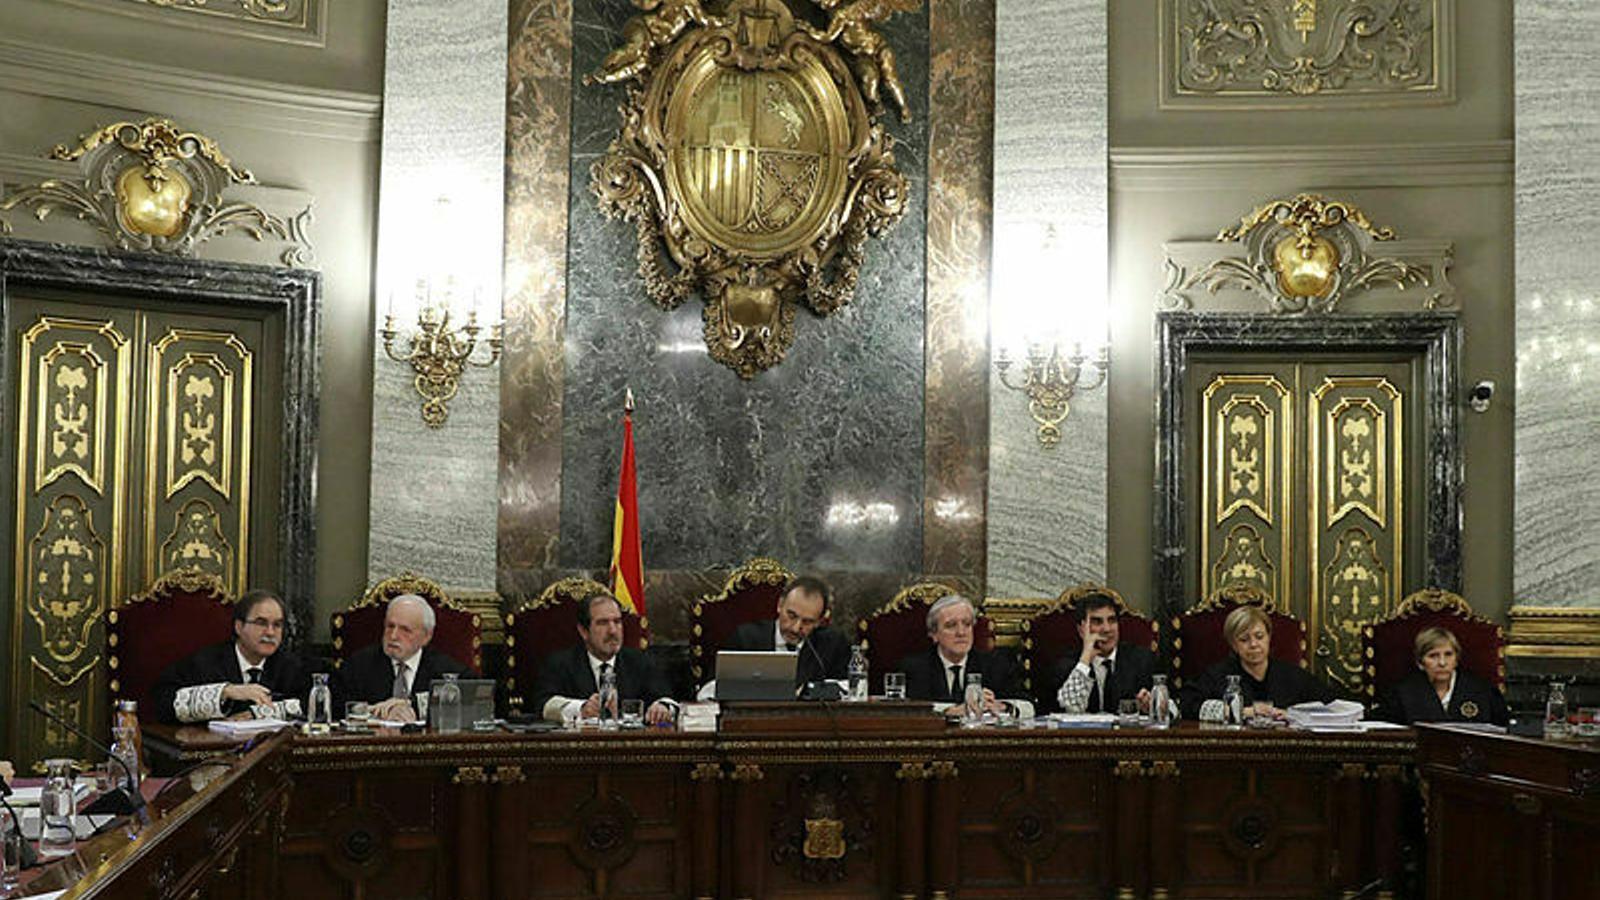 La sentència explicada pels juristes a les 11h amb Antoni Bassas